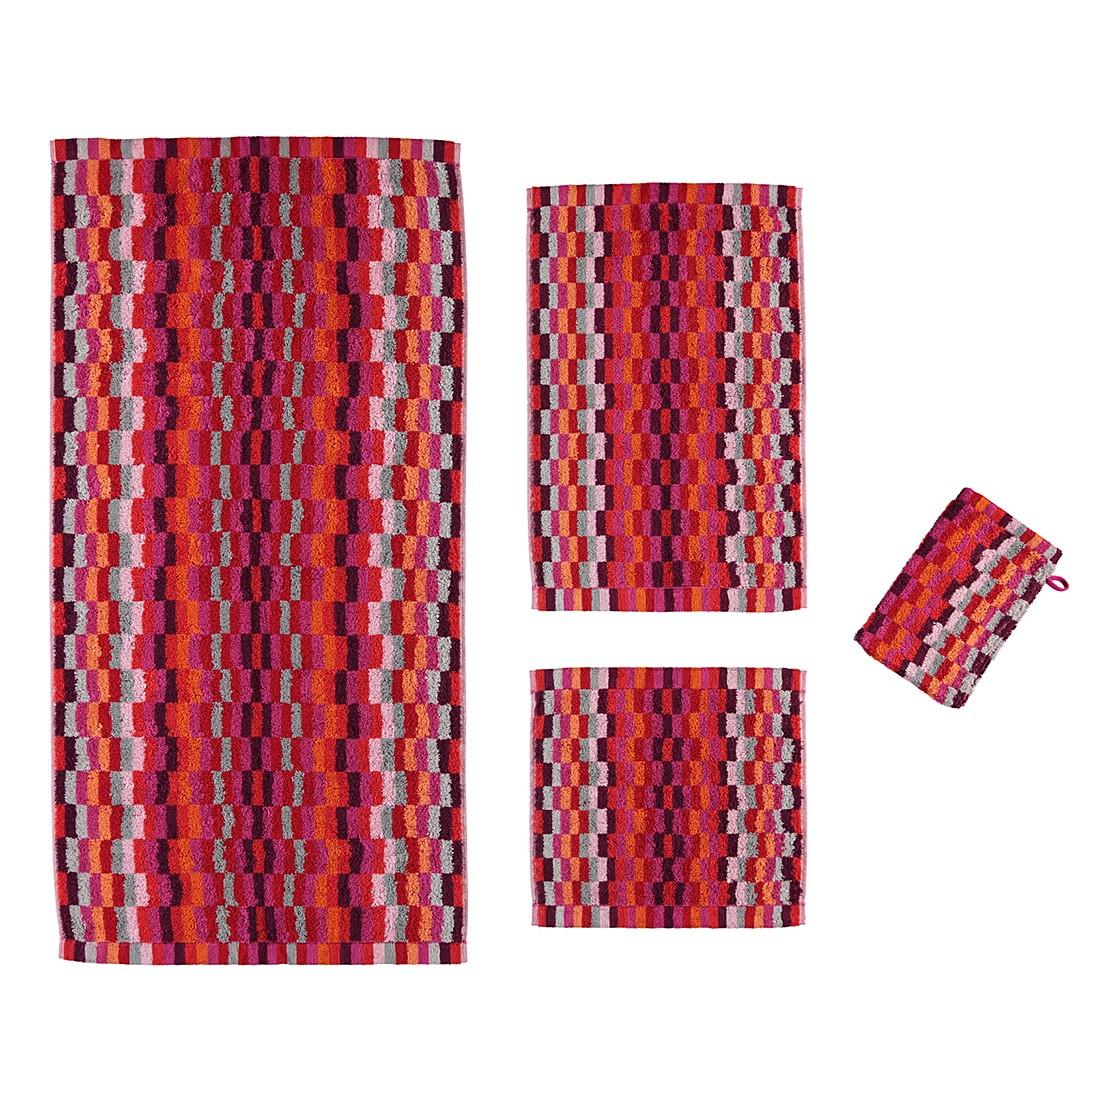 Handtücher Life Style Flash Karo 7064 – Baumwolle – Pink – Handtuch 50×100 cm, Cawö günstig kaufen